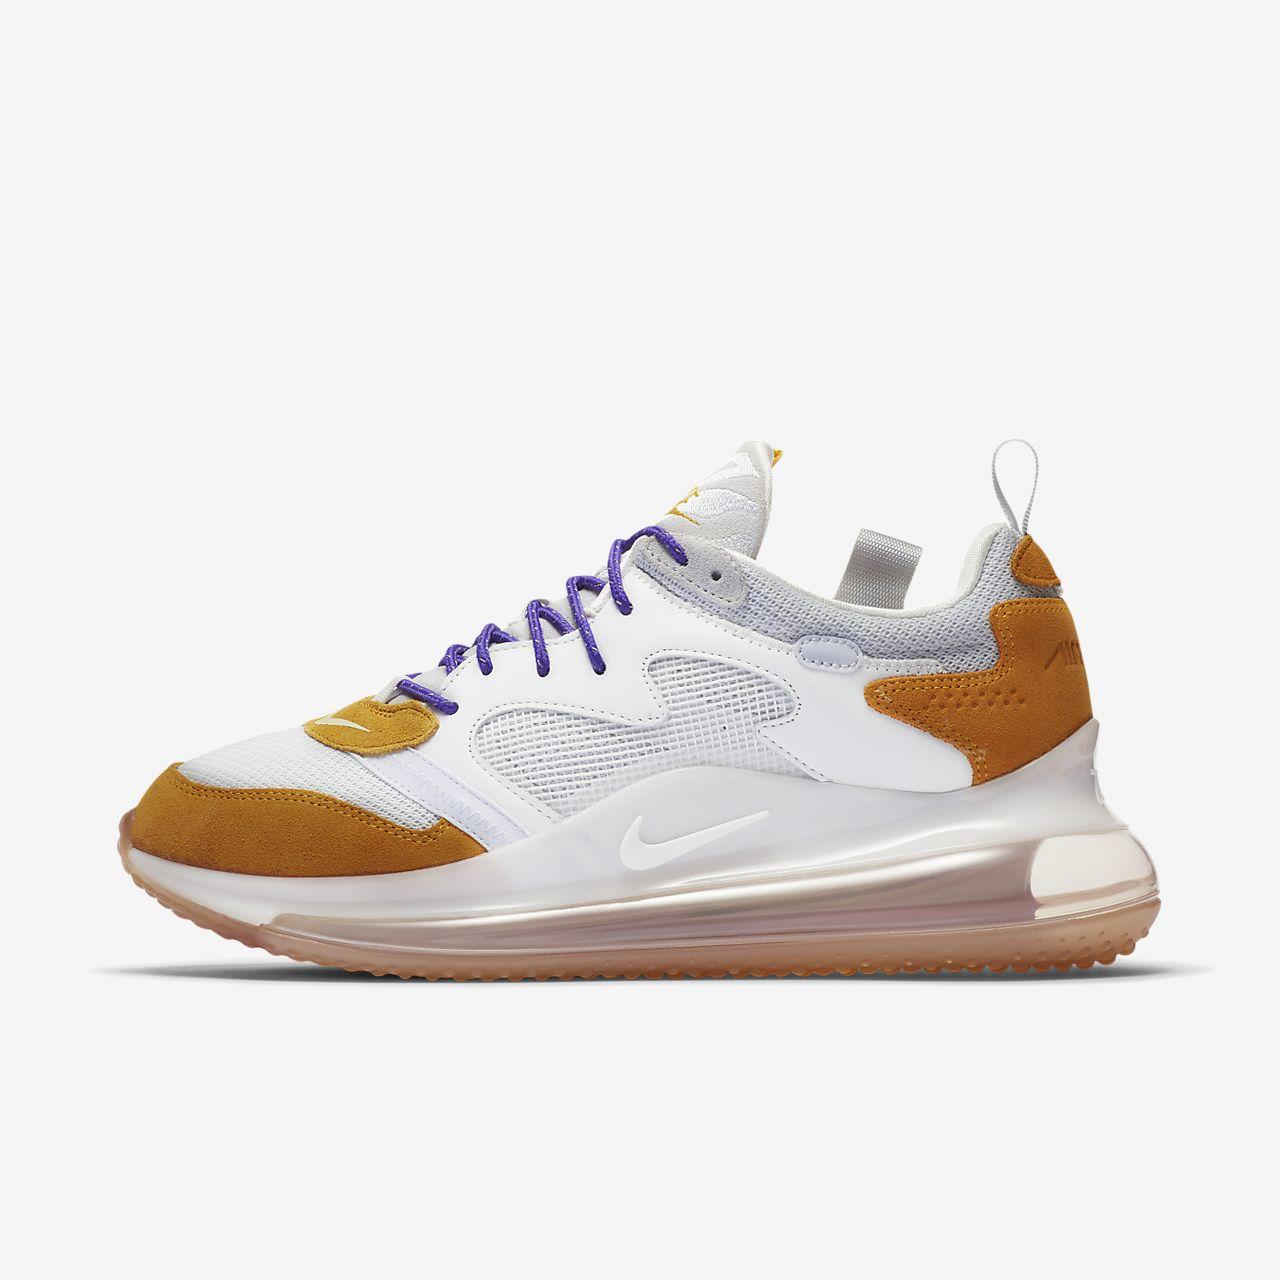 New Men's Nike Flyknit Air Max Sz 10.5 12 NWT